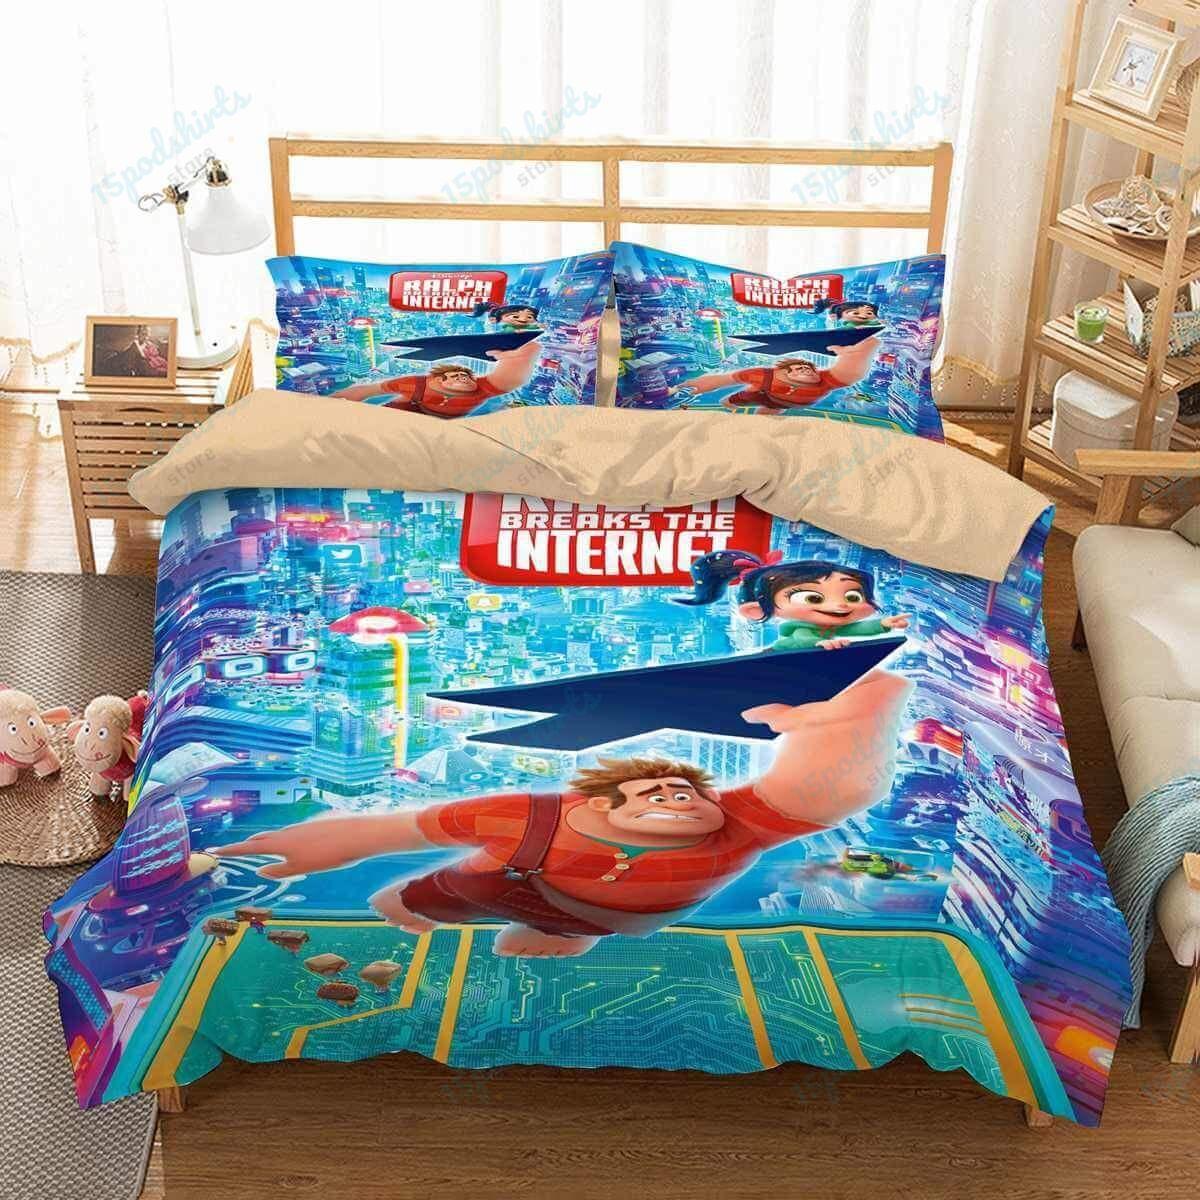 Wreck It Ralph 2 4 Duvet Cover Bedding Set